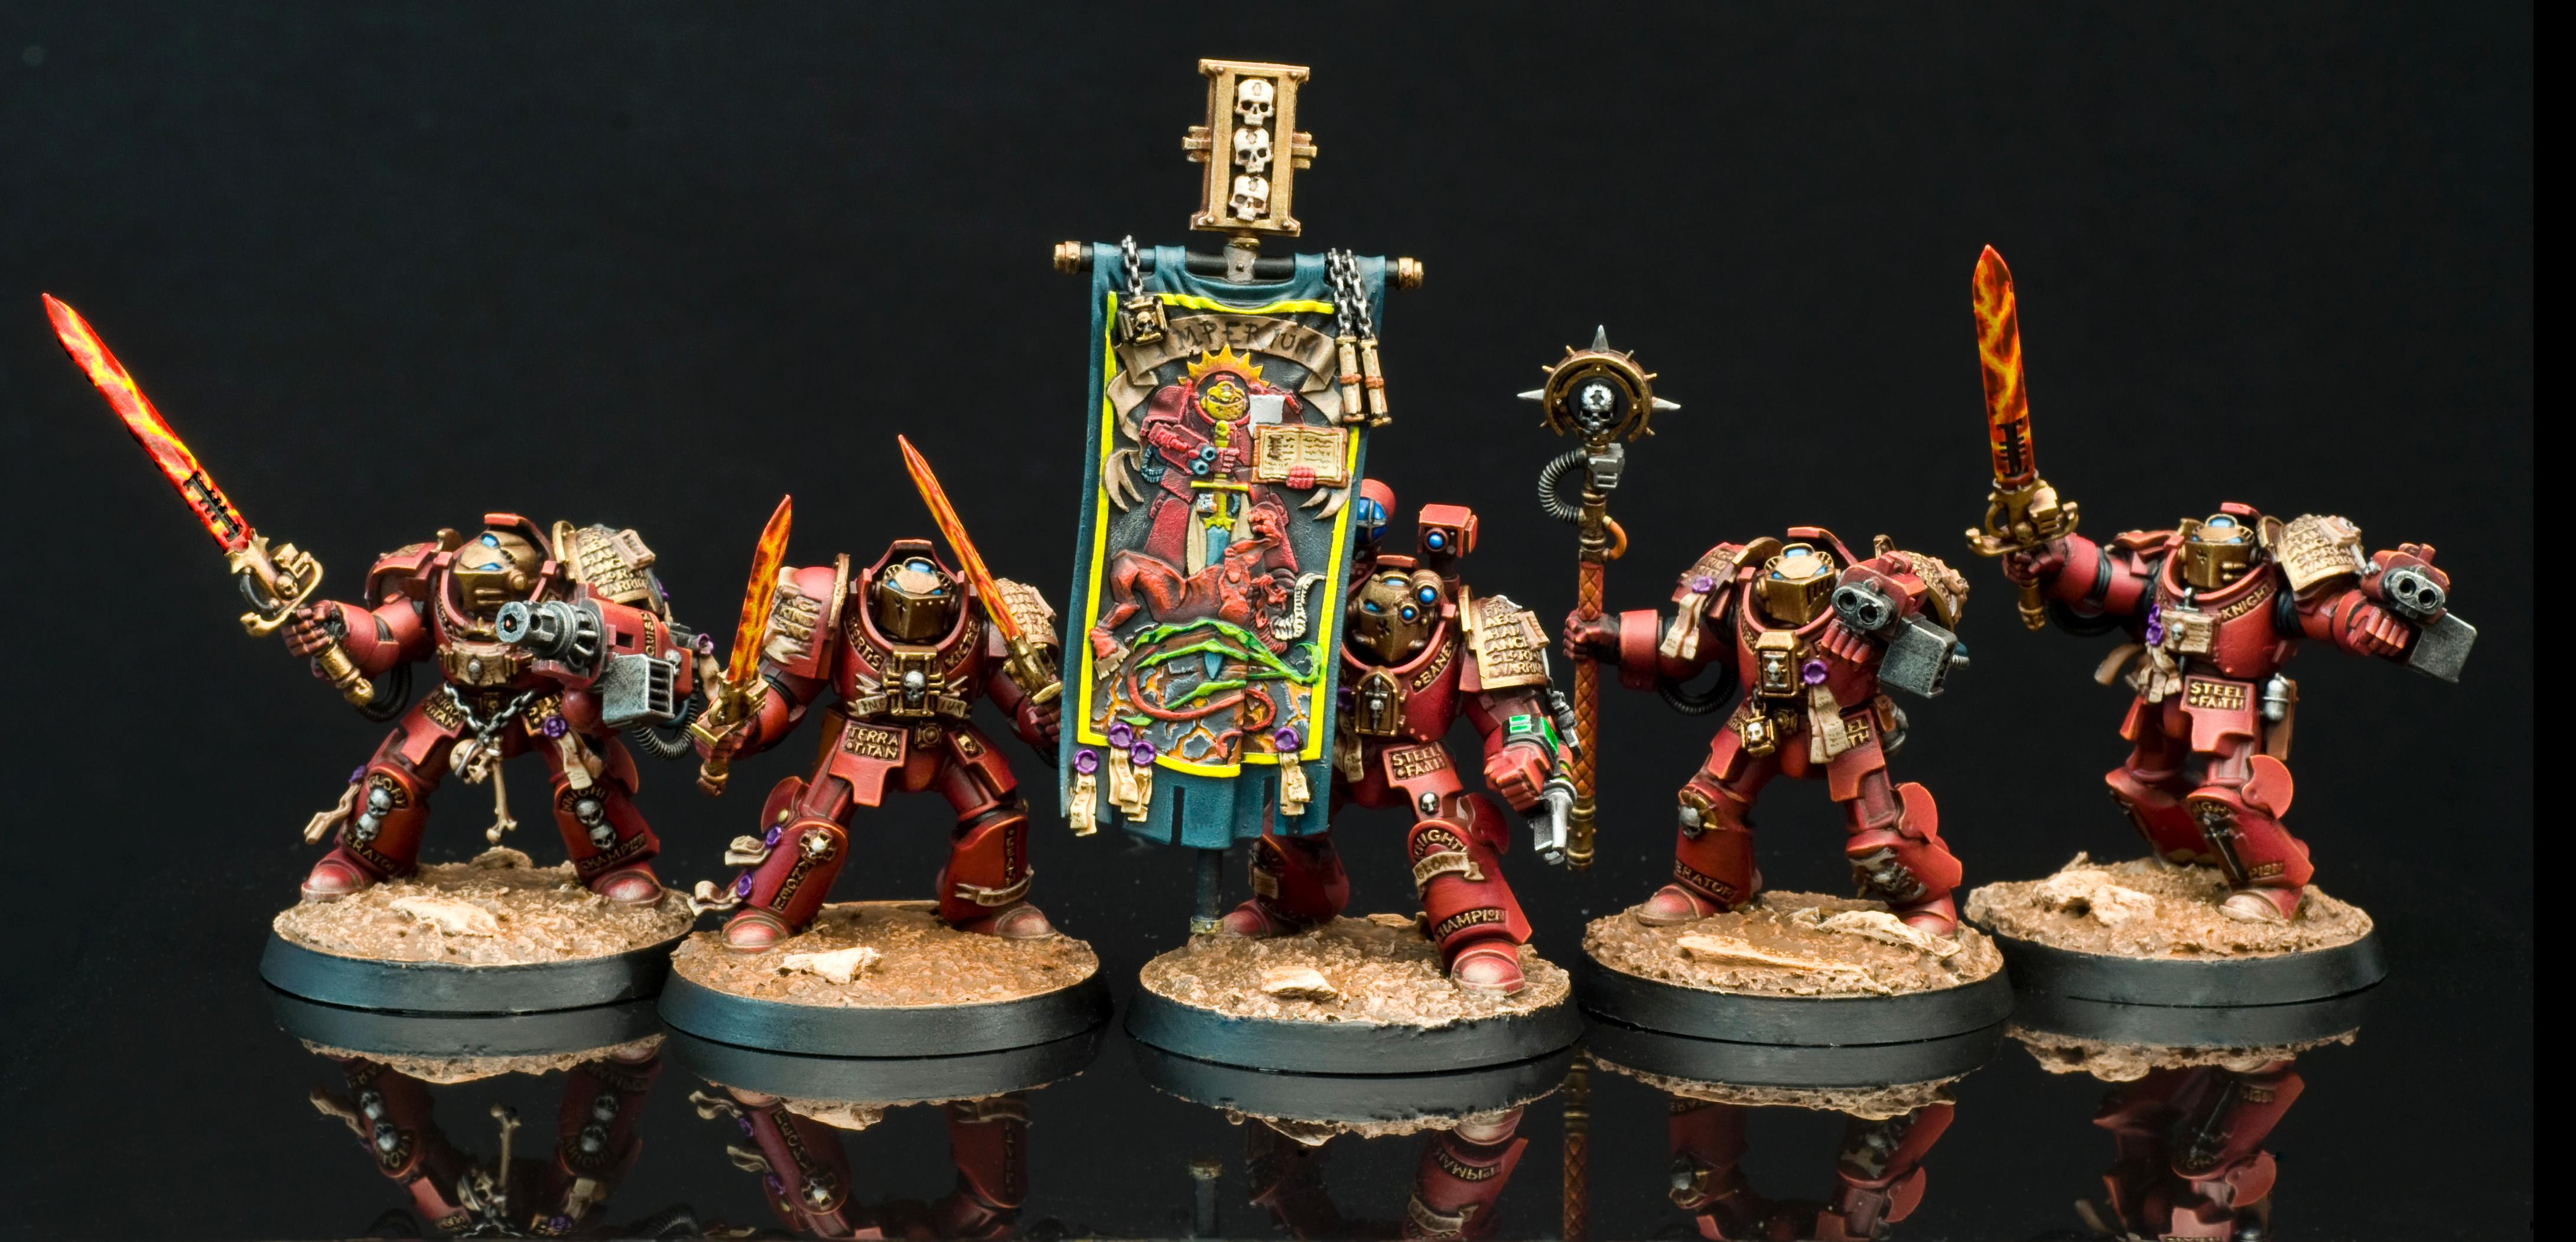 Germinators, Grey Knight Terminators, Grey Knights, Space Marines, Warhammer 40,000